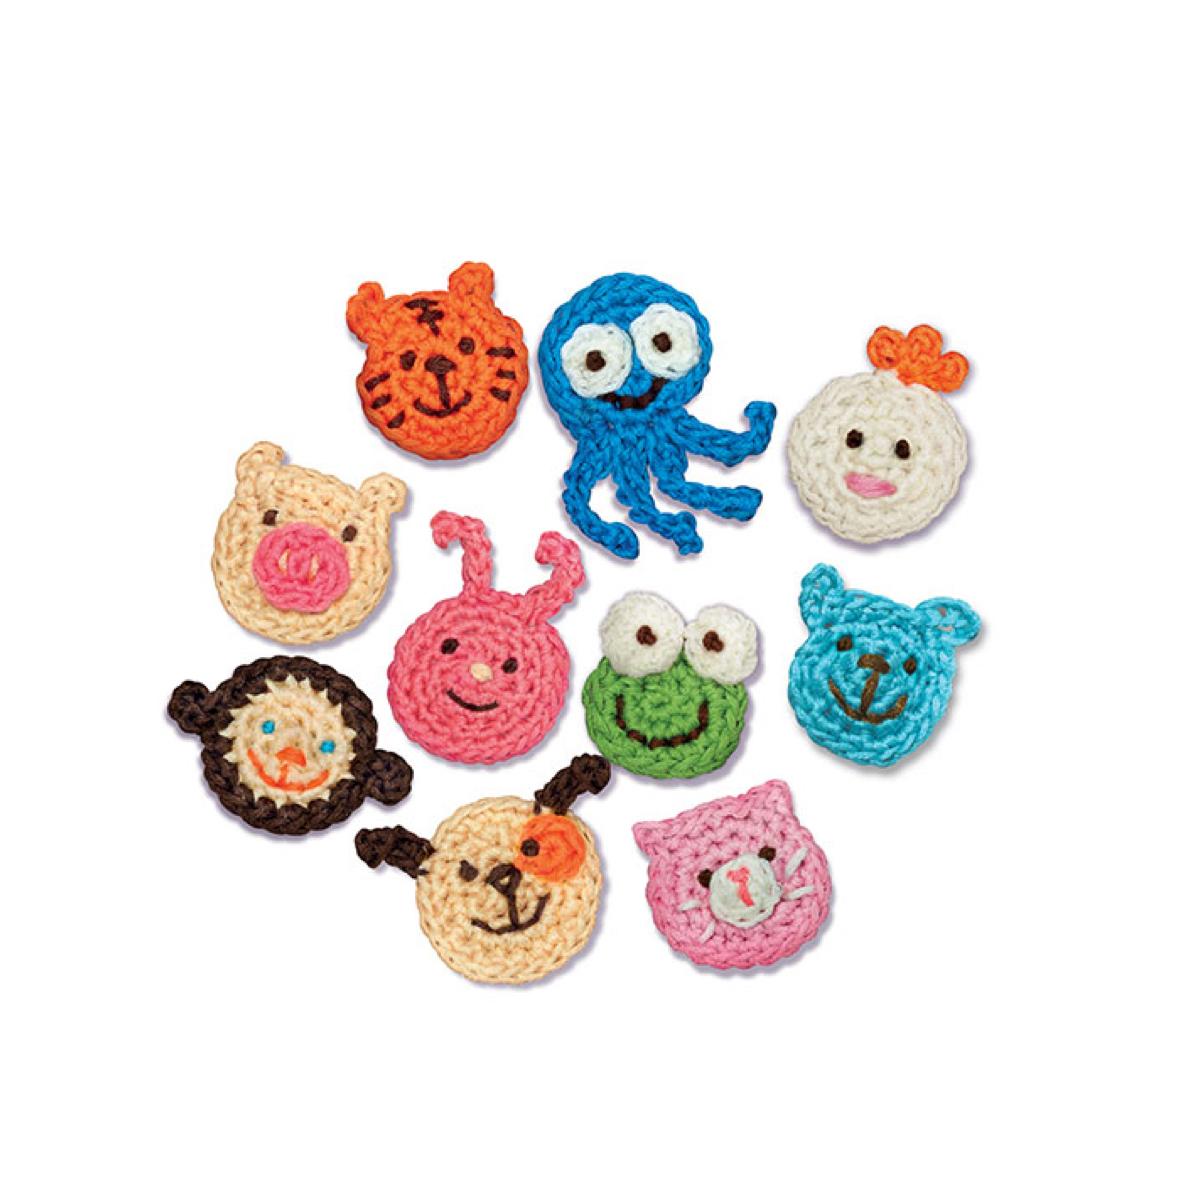 crea-broches-de-crochet-4m-el-mundo-de-mico